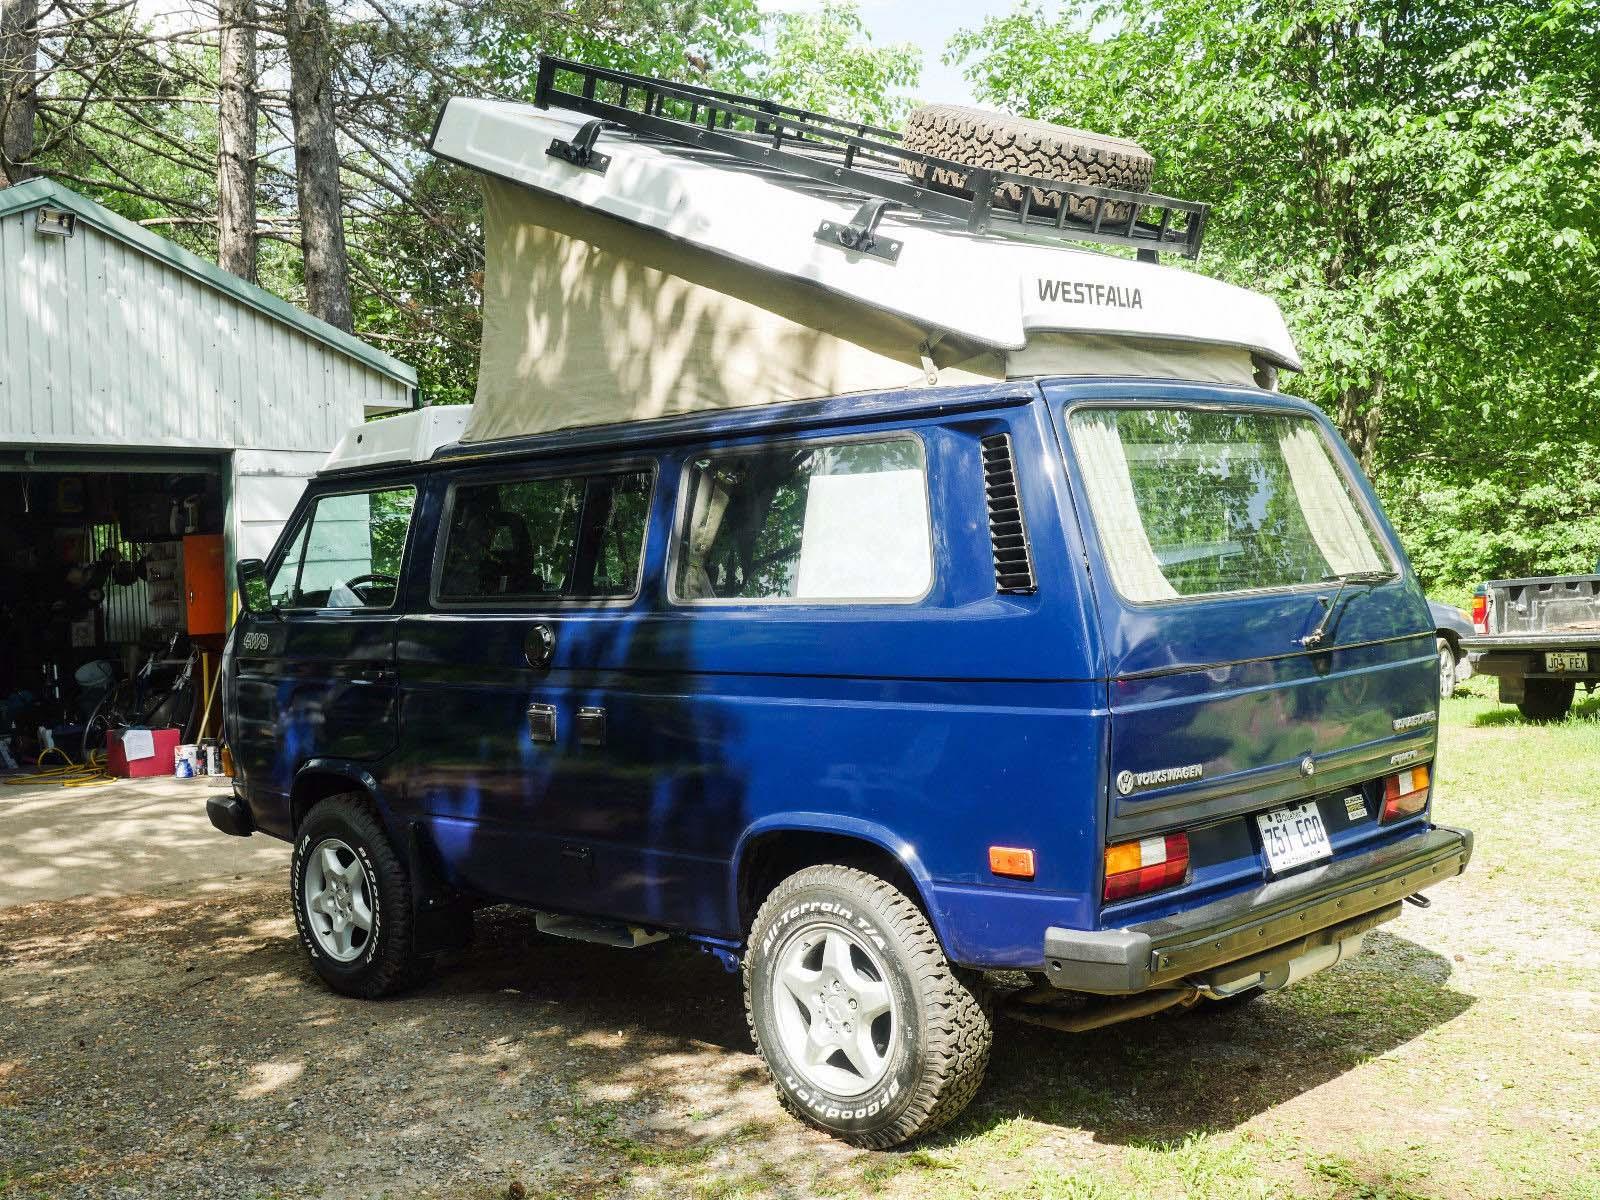 86 Subaru Syncro Westy Camper - $32k in Quebec, CA